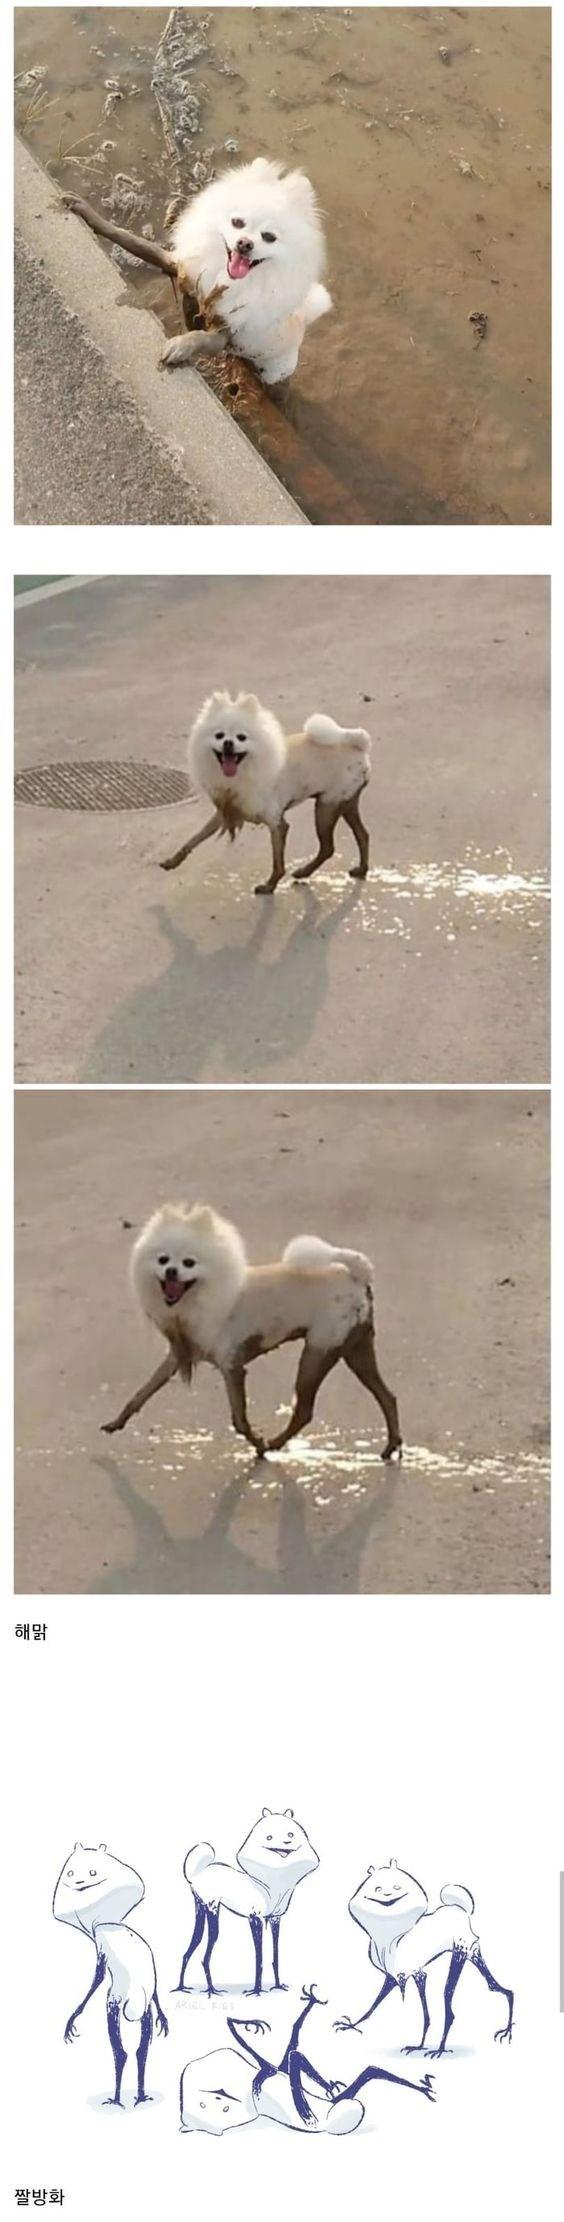 Dog - 해맑 짤방화